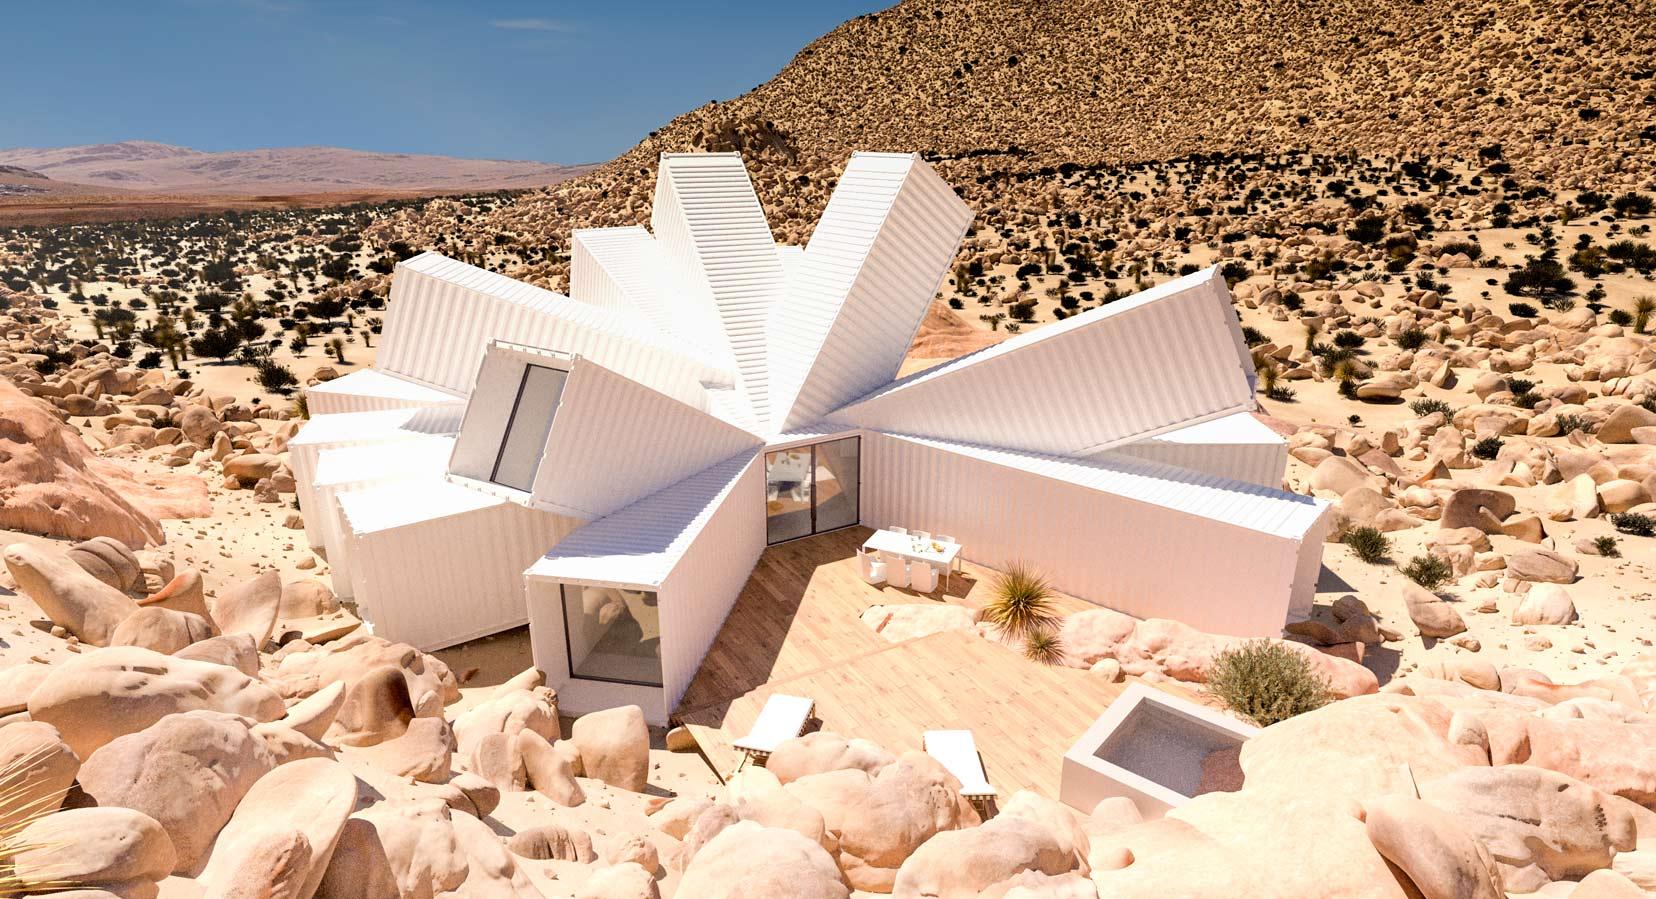 maison en container 40 pieds-2